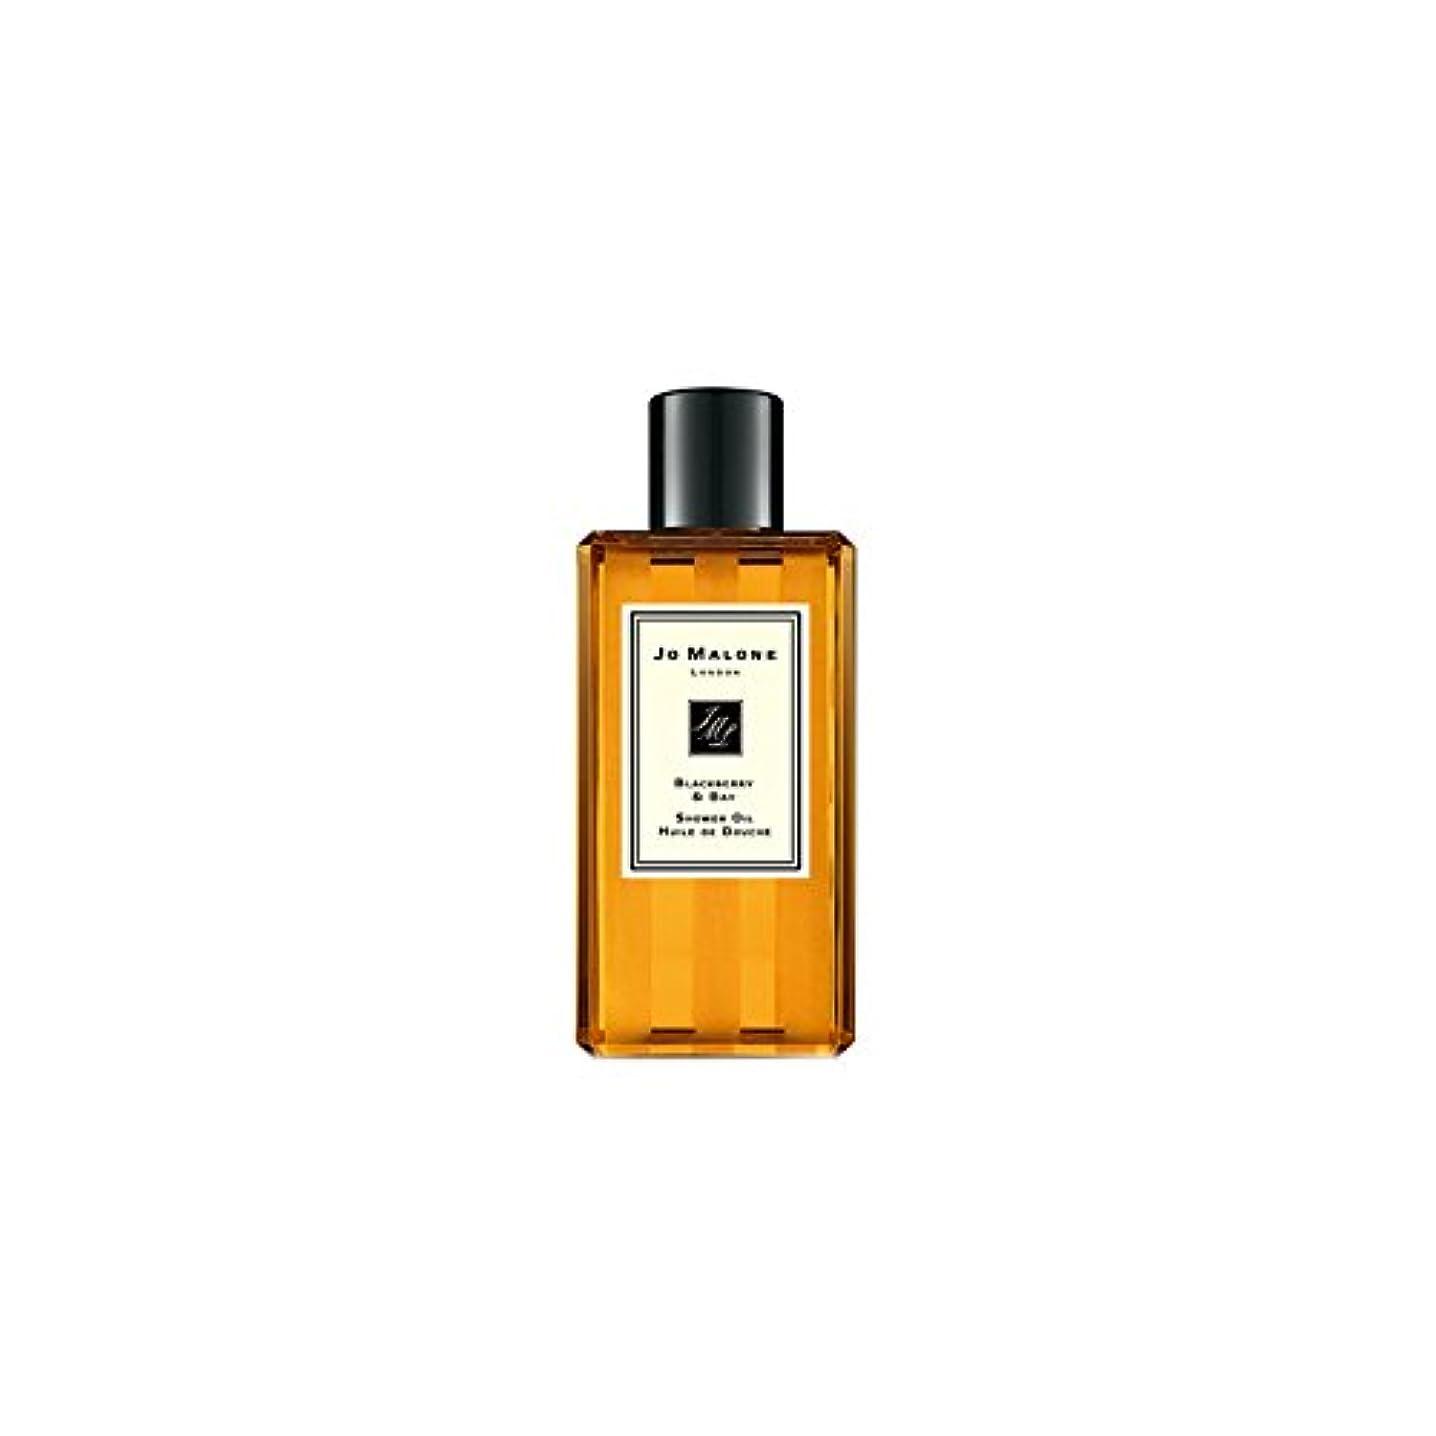 ビジョン前者ご予約Jo Malone Blackberry & Bay Shower Oil - 250ml (Pack of 6) - ジョーマローンブラックベリー&ベイシャワーオイル - 250ミリリットル (x6) [並行輸入品]